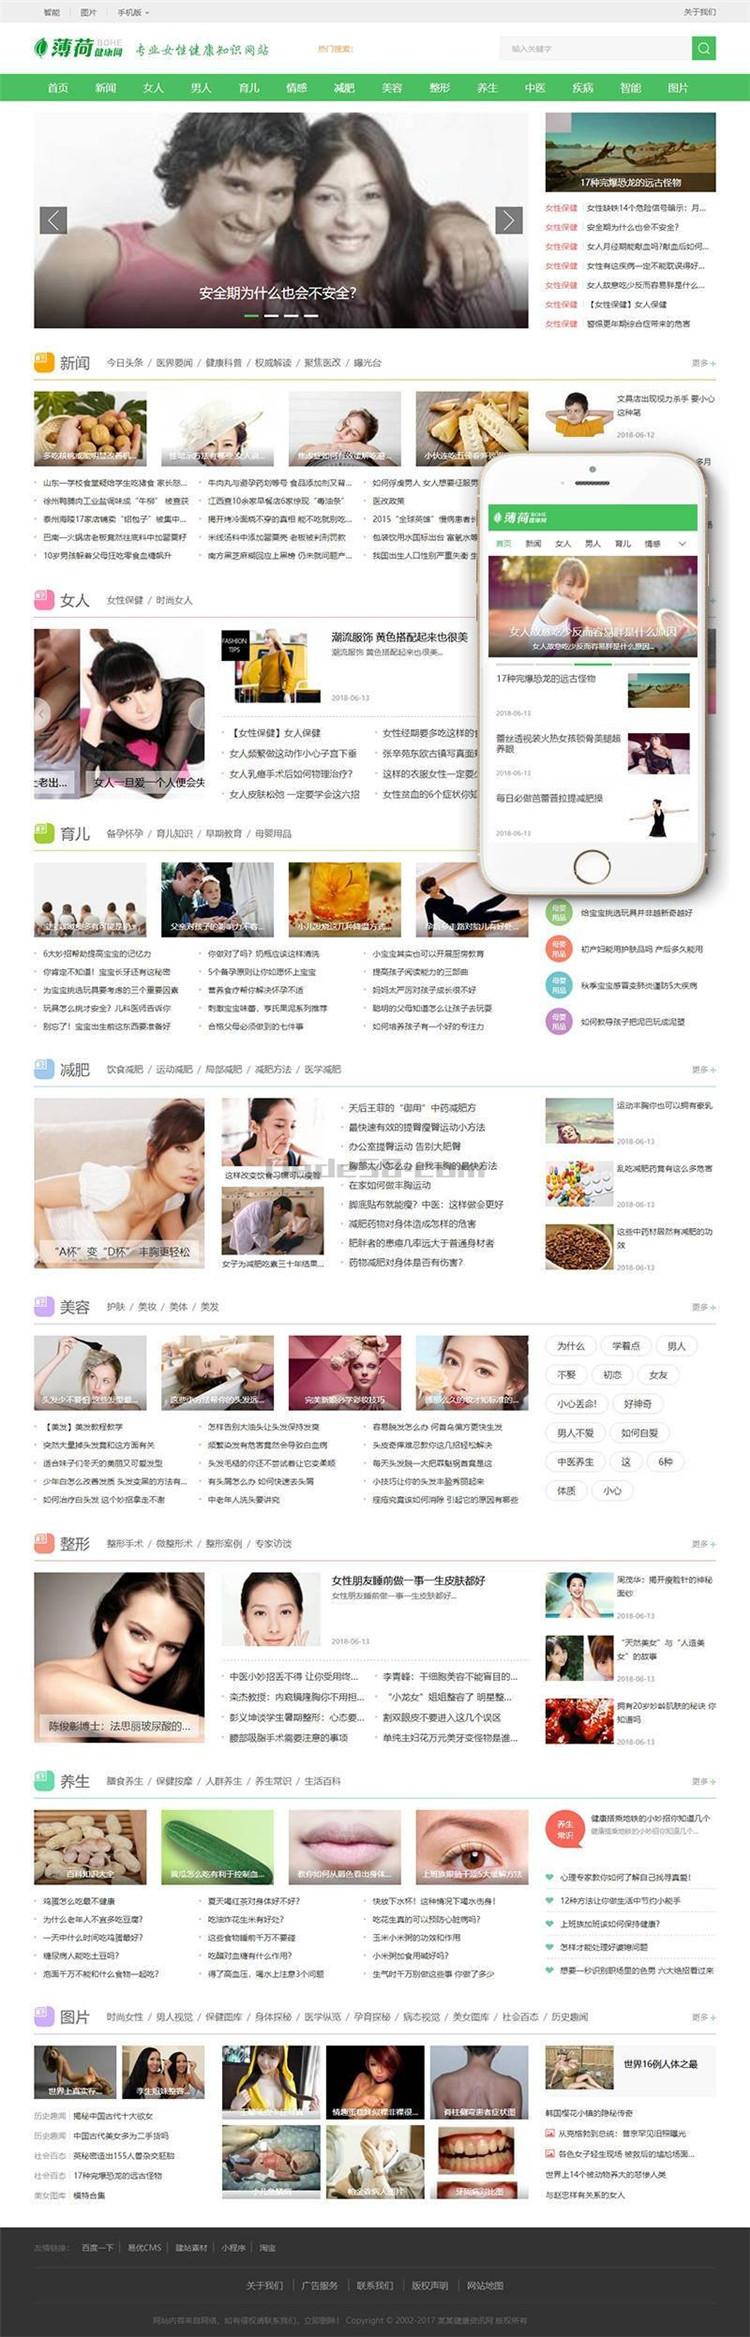 爱上源码网文章dede模板 女性健康养生资讯网类织梦模板(带手机端)整站源码的内容插图